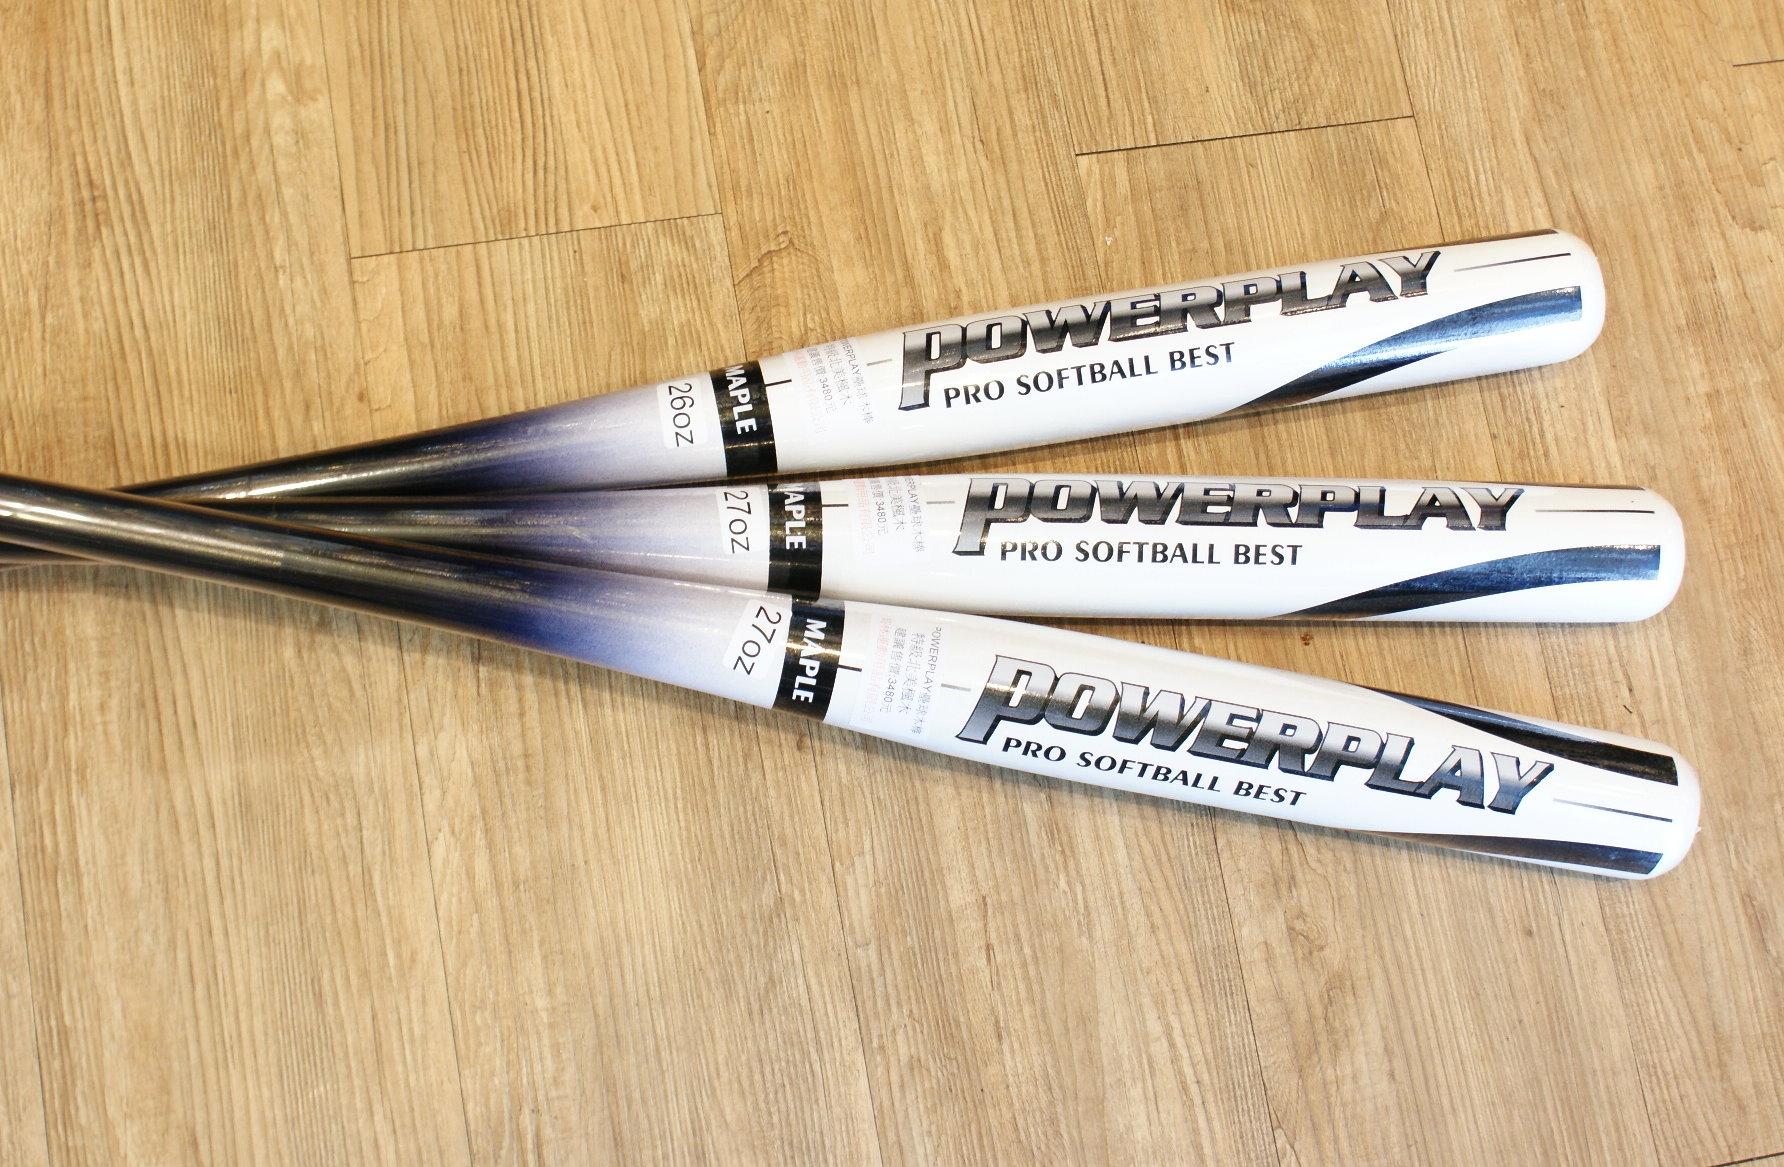 棒球世界powerplay 職業用北美楓木壘球木棒 特價 白黑配色